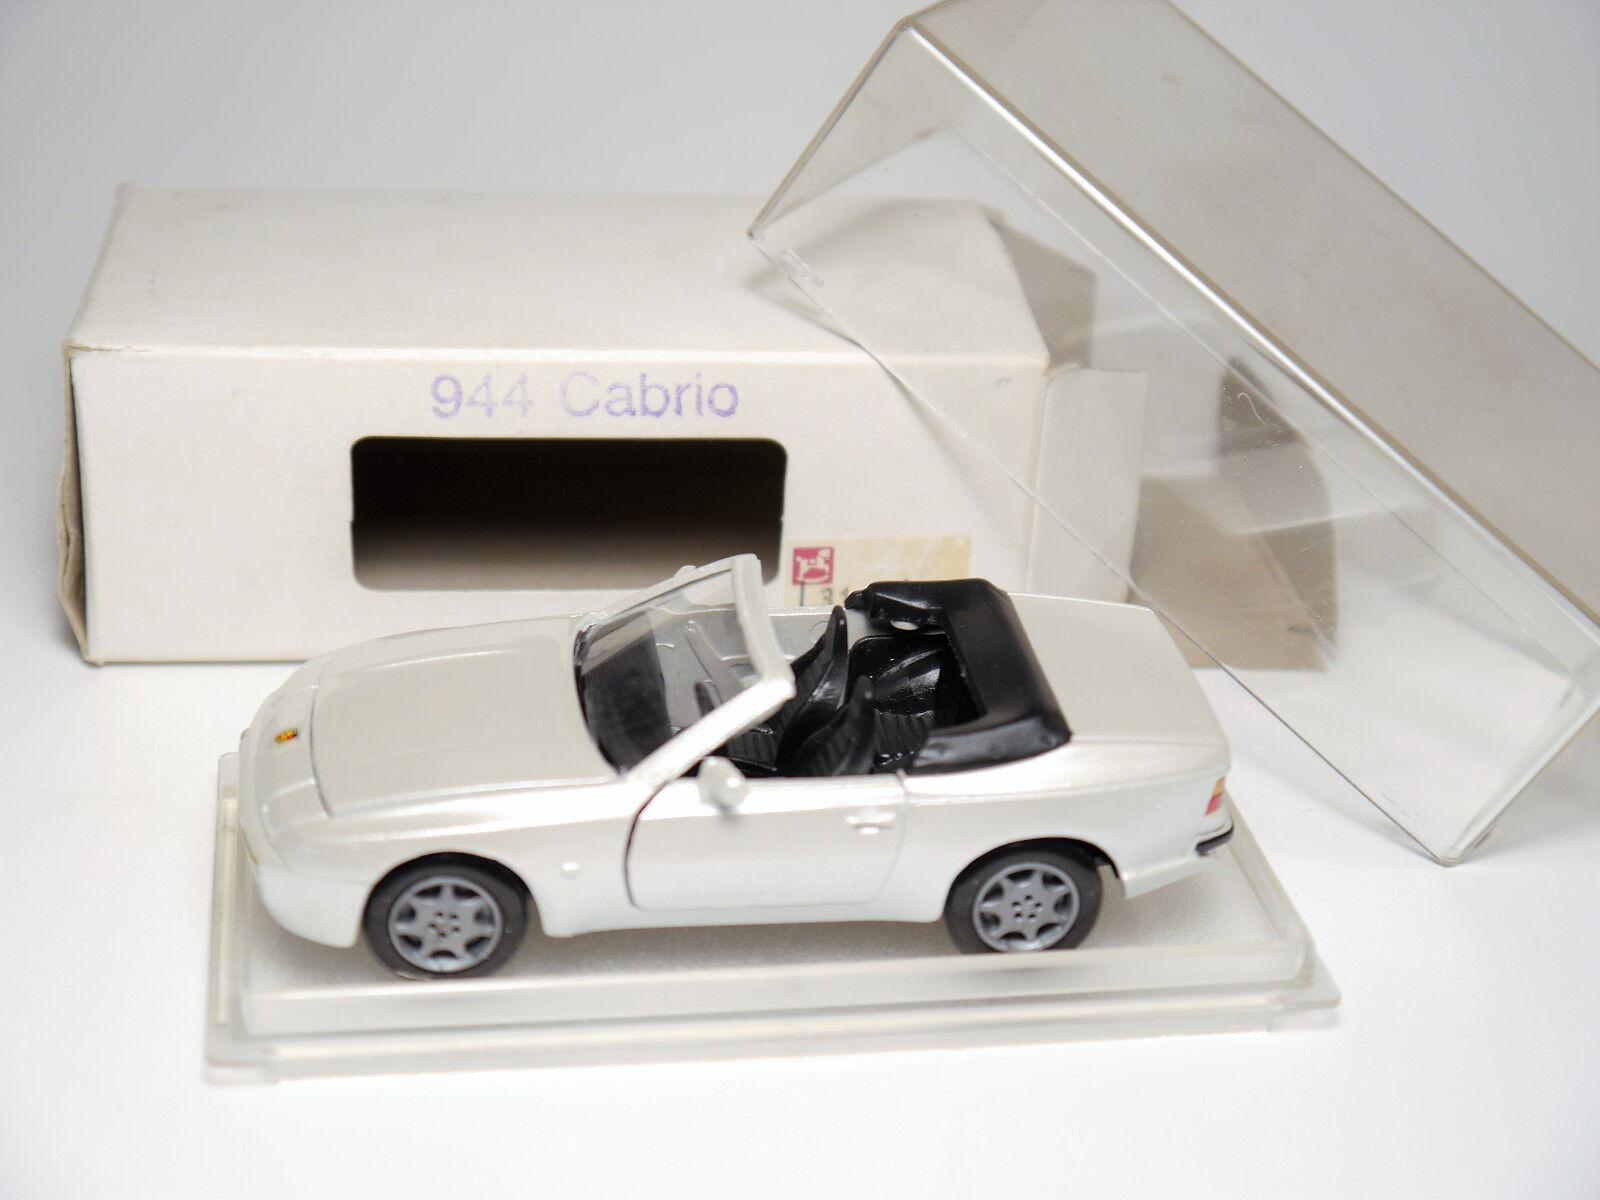 Porsche 944 Cabriolet Convertible nacre blanc Pearl Effect NZG 323 1 43 en Boîte